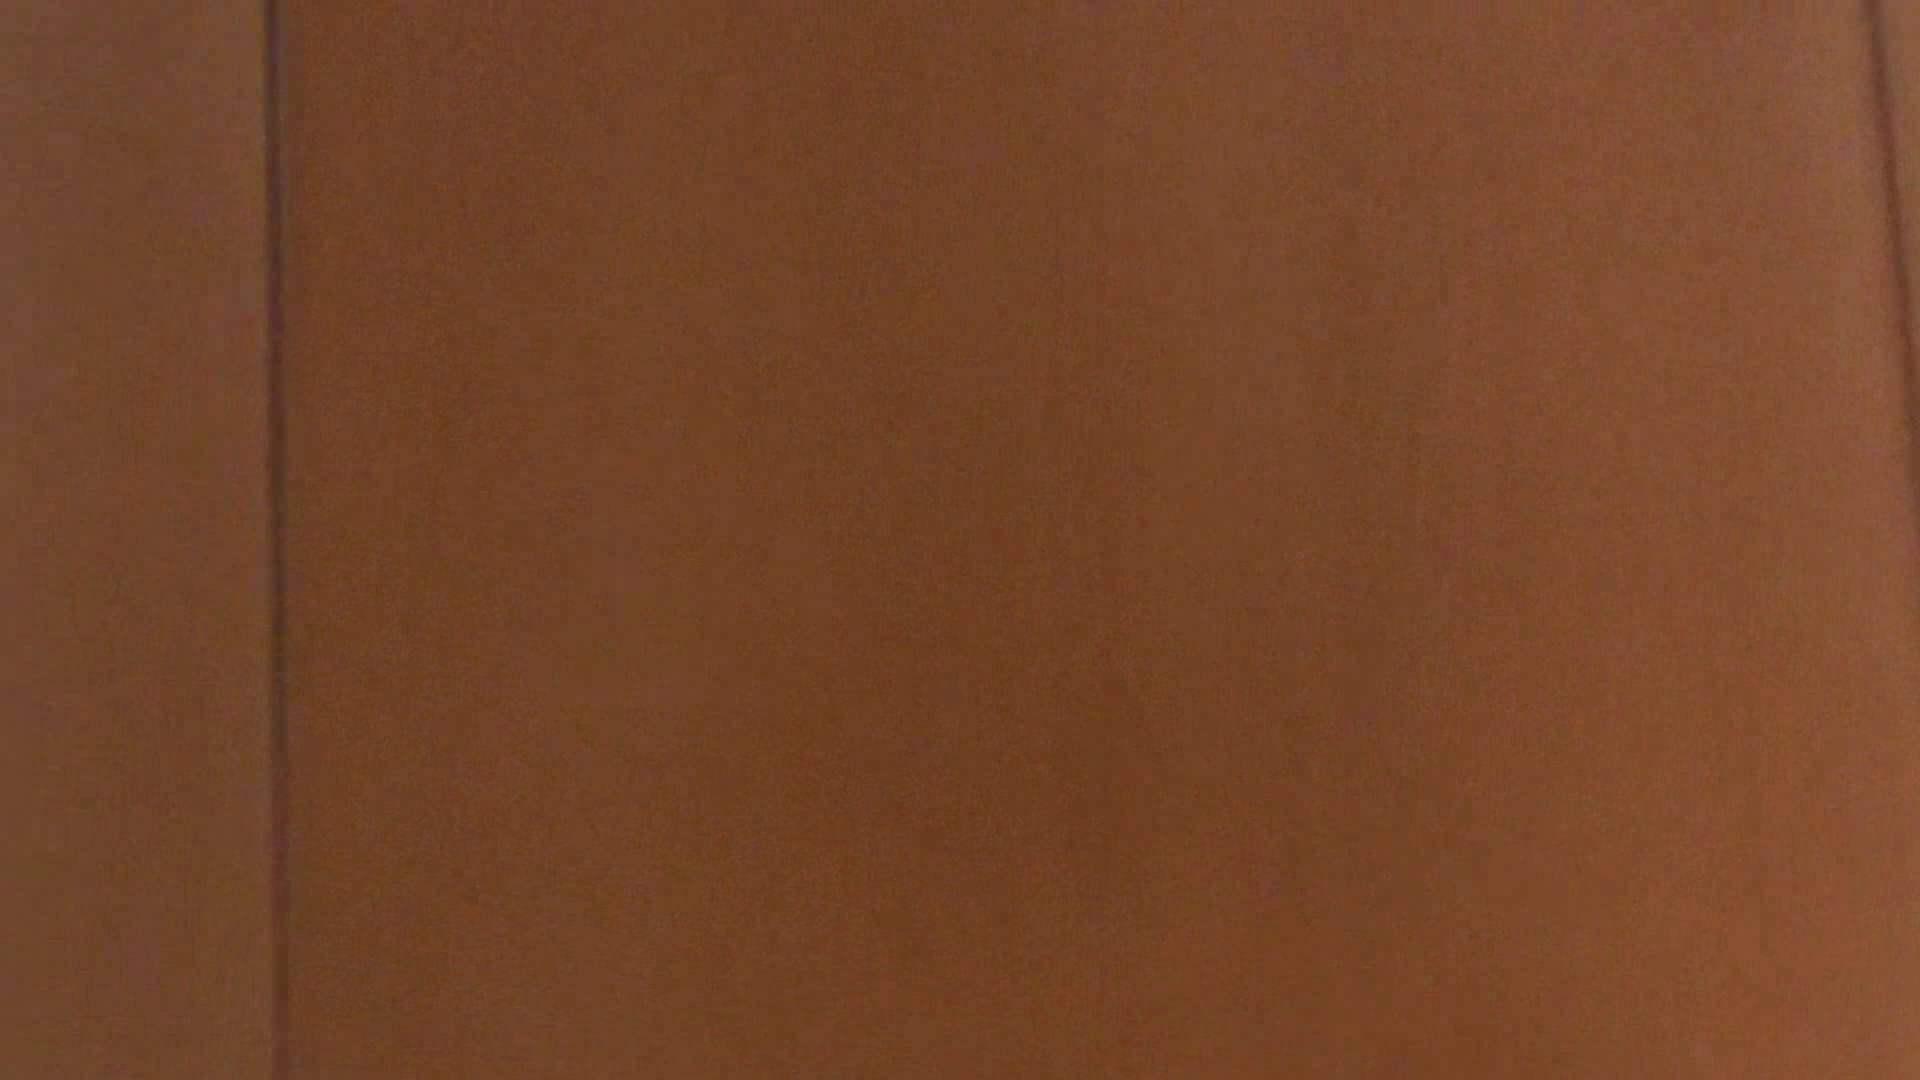 「噂」の国の厠観察日記2 Vol.10 厠   HなOL  99pic 98